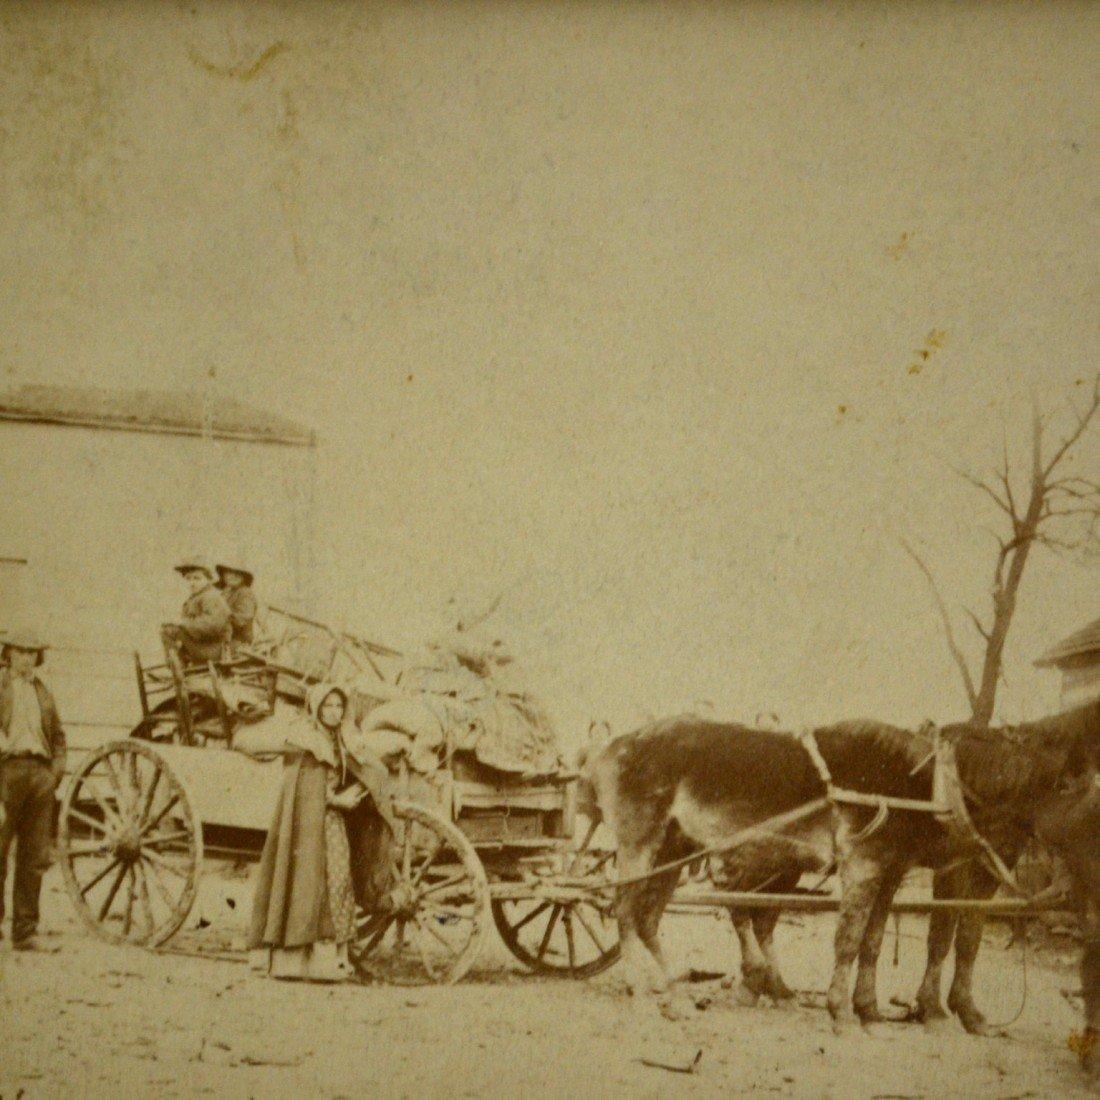 591: Albumen Photo Departure from Homestead, Civil War